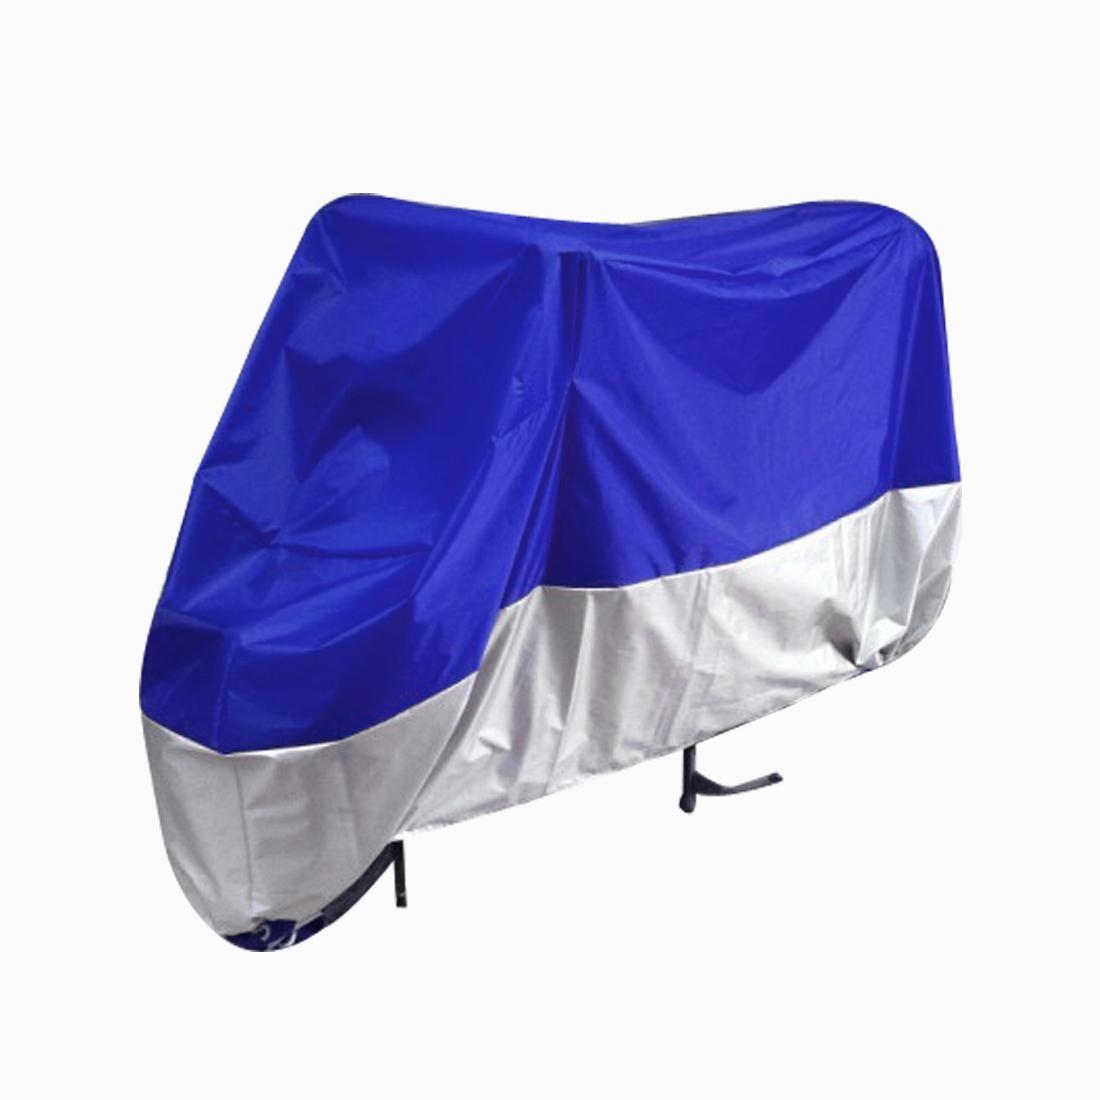 Motorcycle Motorbike Dust Resistant Waterproof Cover Protector Silver Tone Blue